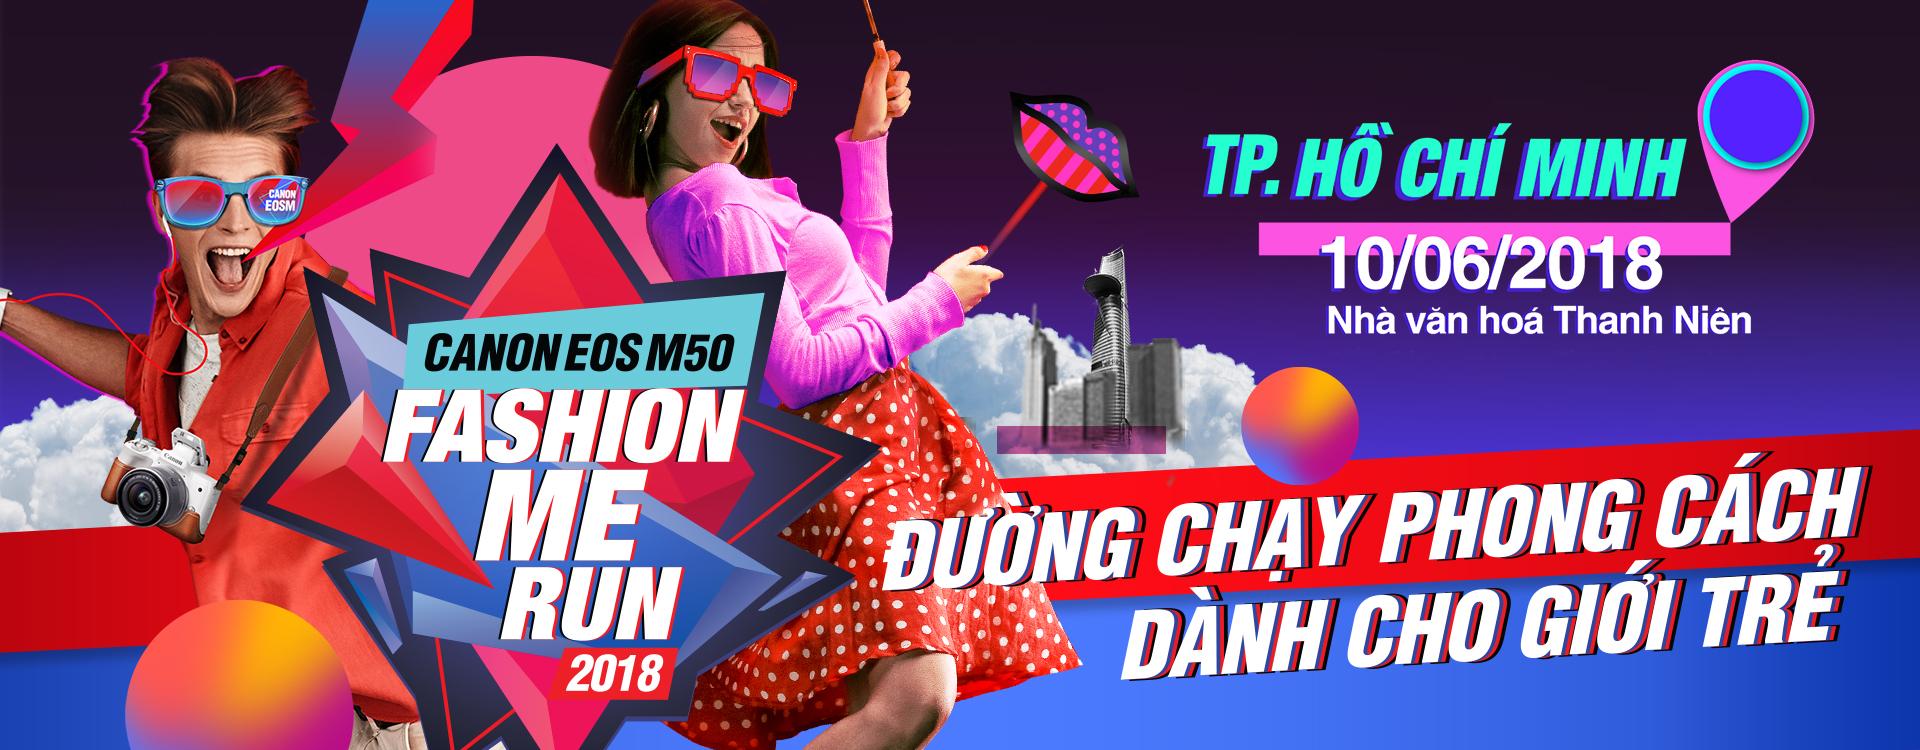 Fashon Me Run - Đường chạy phong cách dành cho giới trẻ